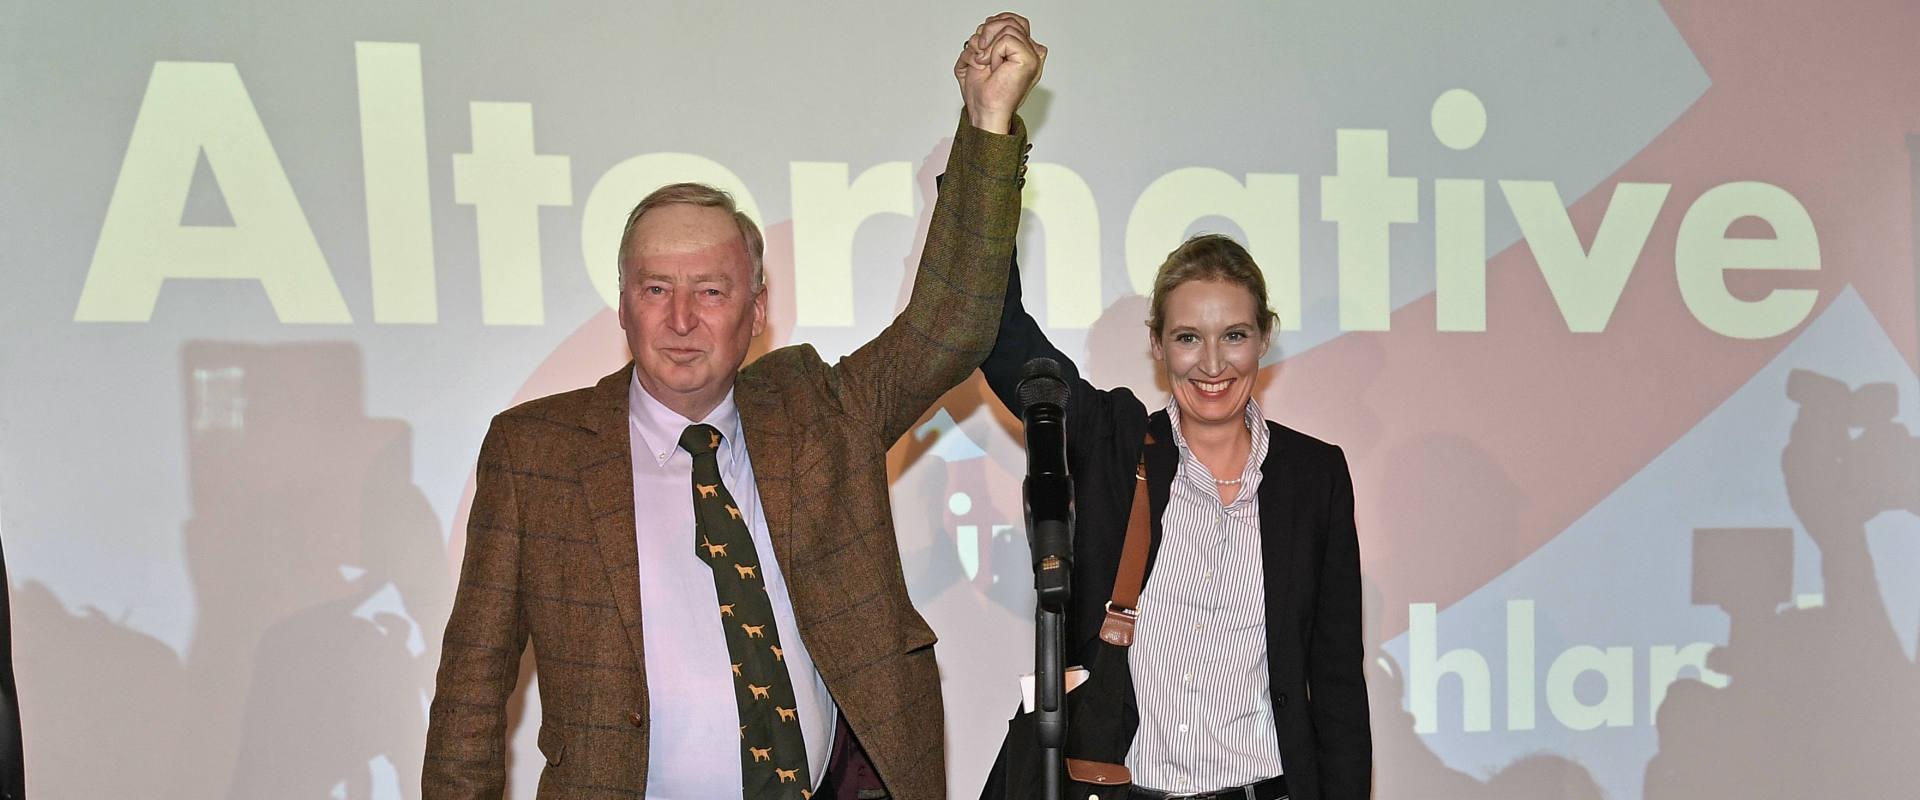 מנהיגי המפלגה אליס ויידל ואלכסנדר גאולנד, אמש בברל